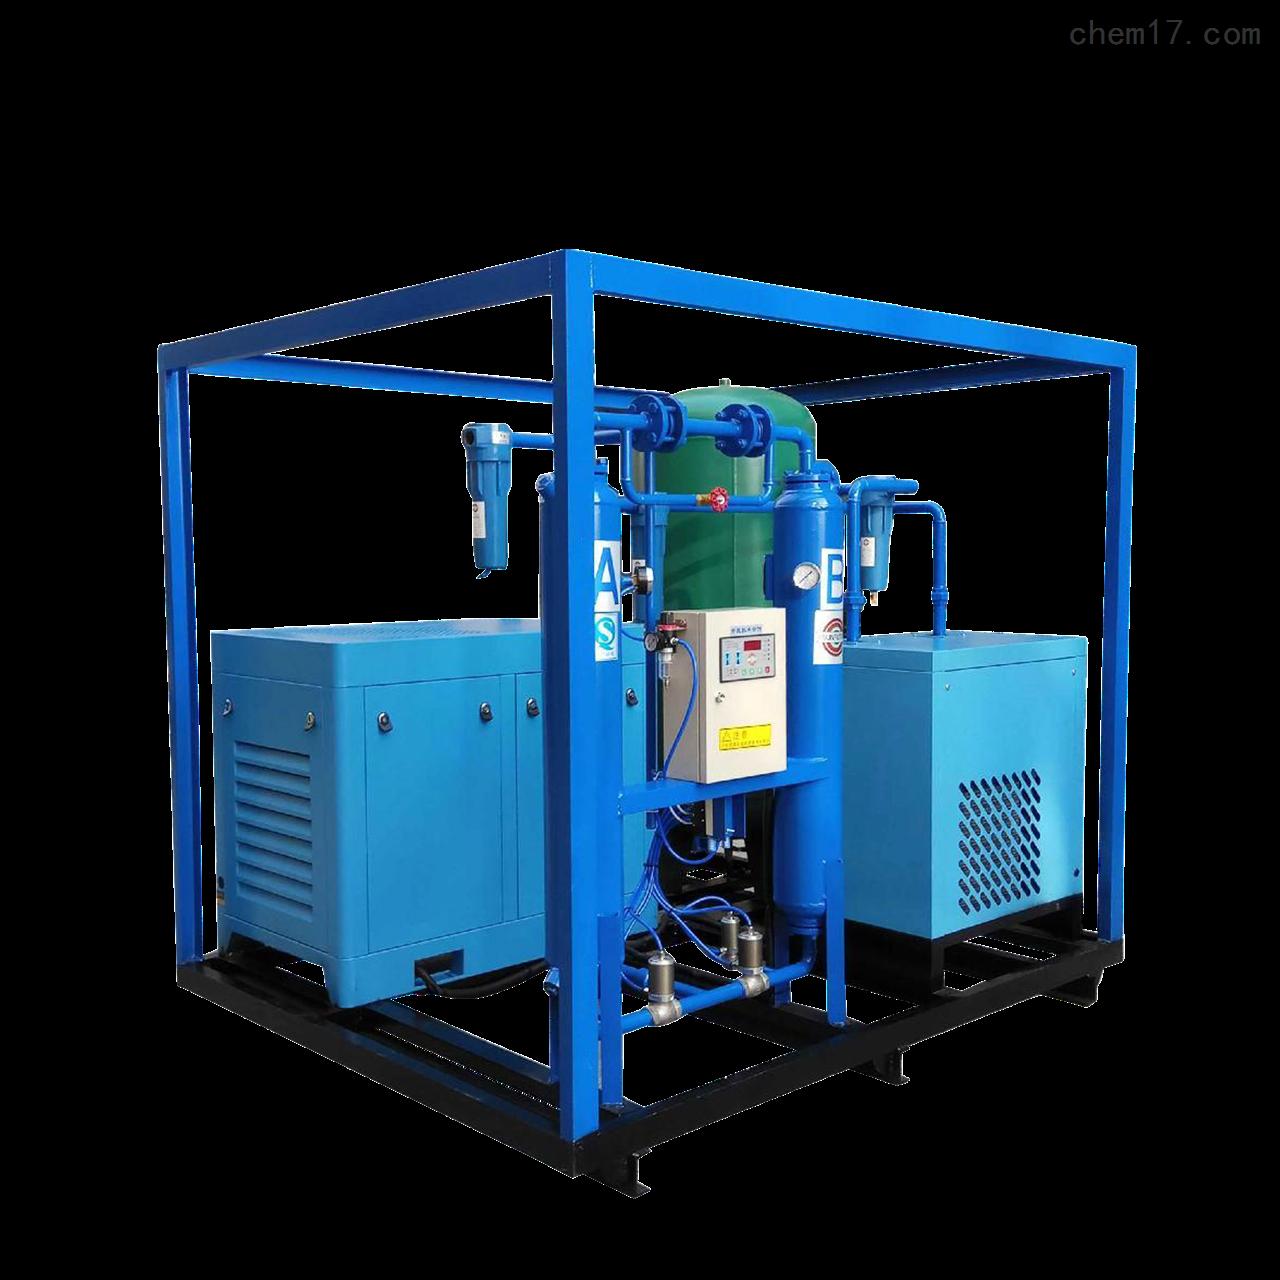 全新新型干燥空气发生器